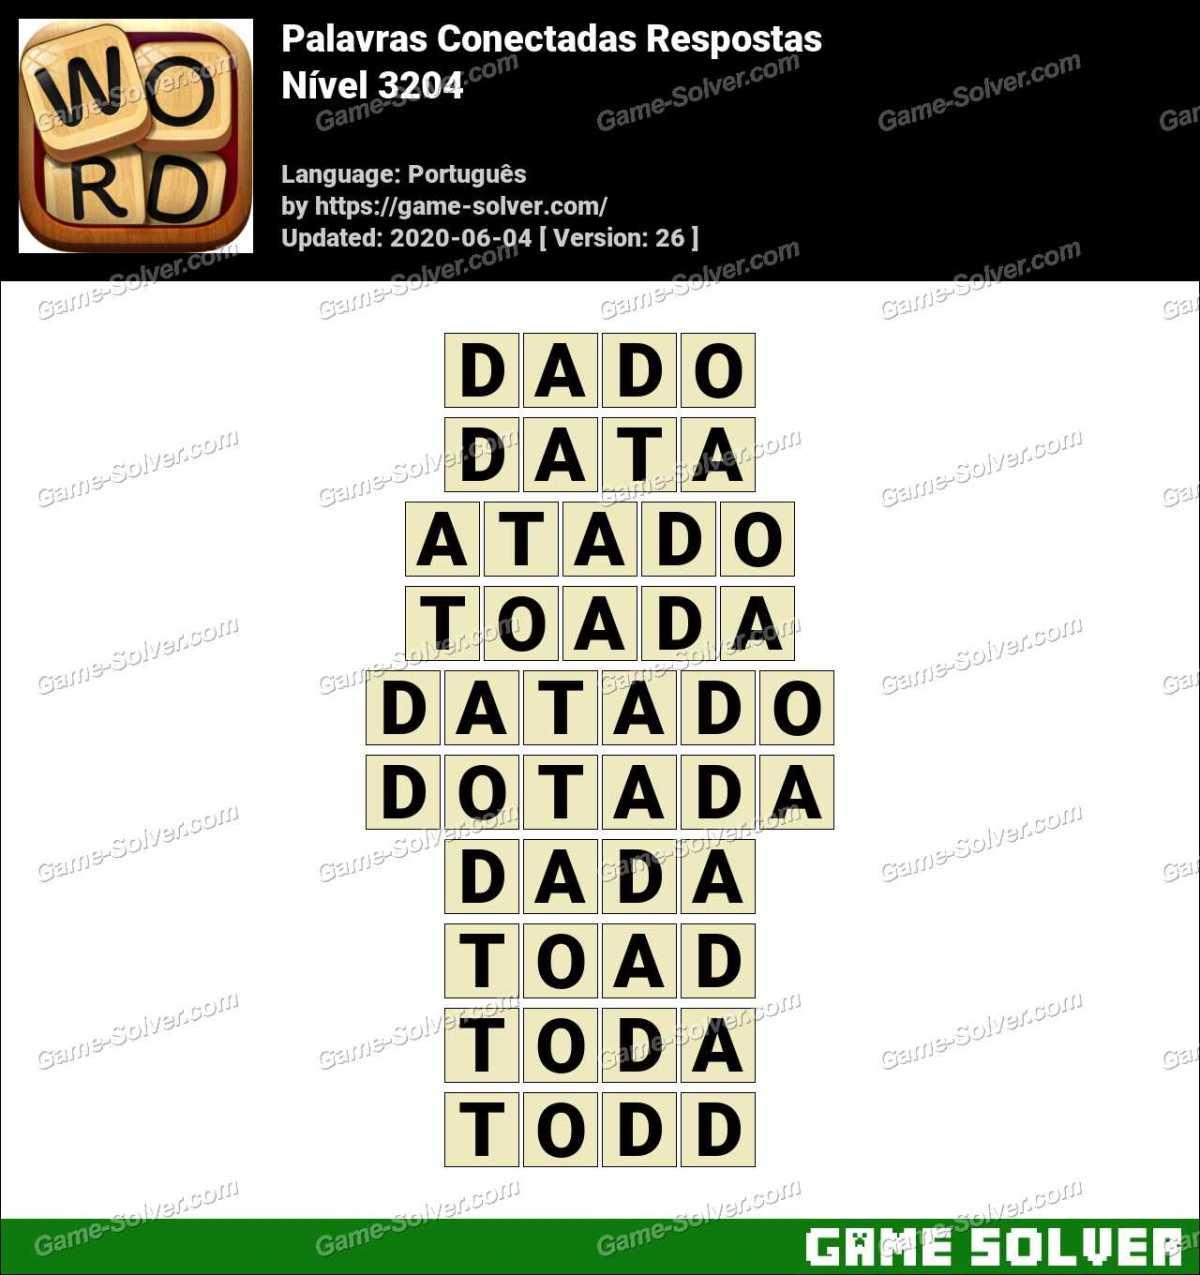 Palavras Conectadas Nivel 3204 Respostas